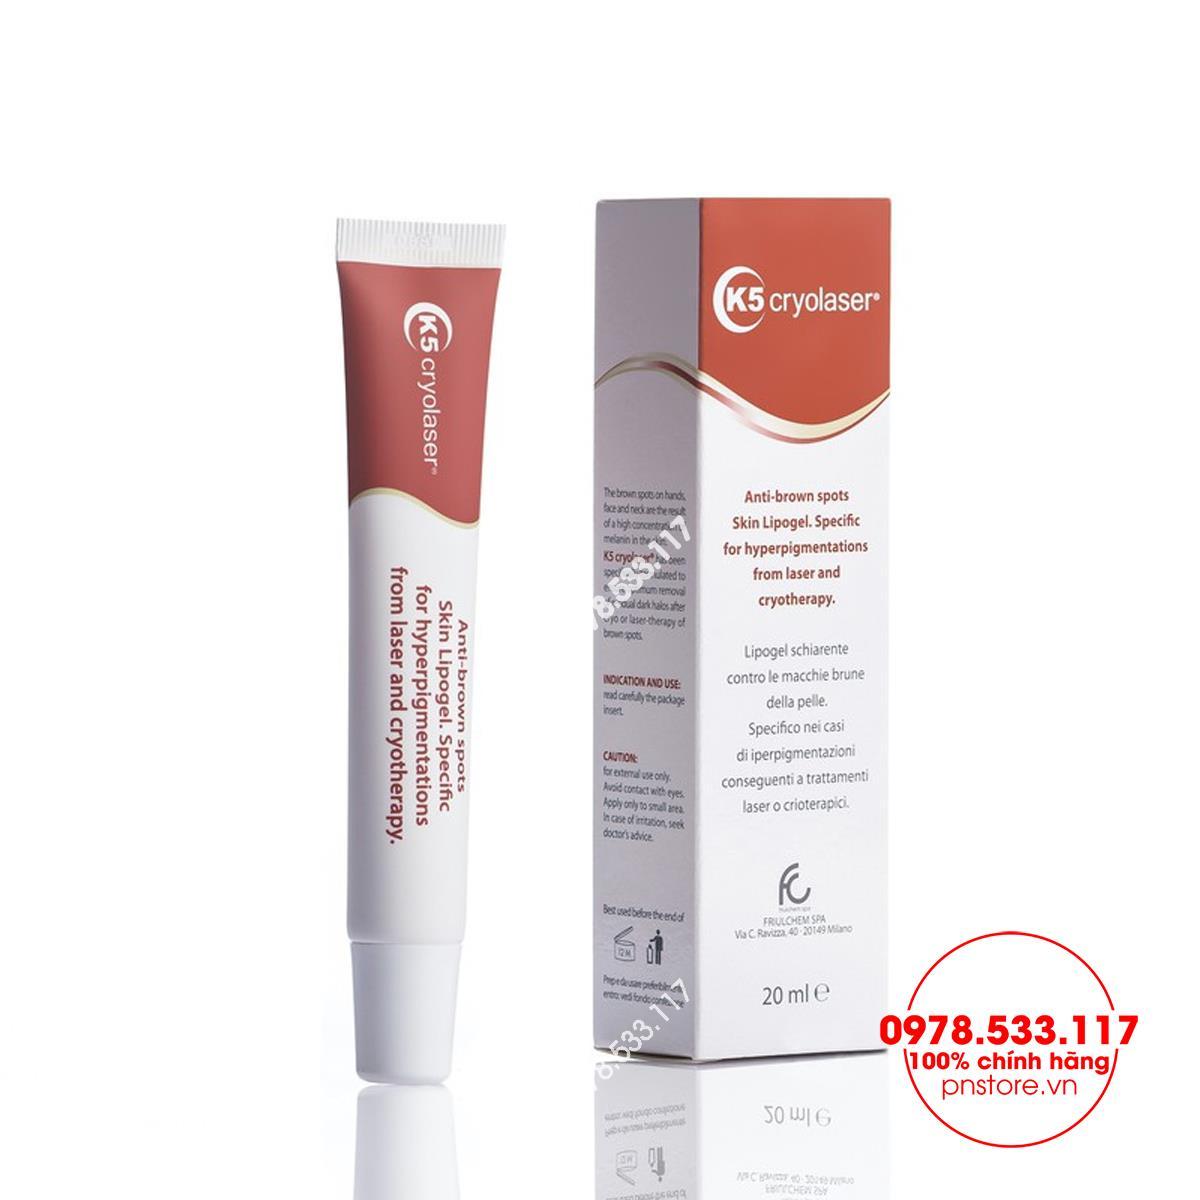 K5 Cryolaser - Điều trị thâm nám tàn nhang tăng sắc tố da sau laser, lăn kim, phi kim - PN99899